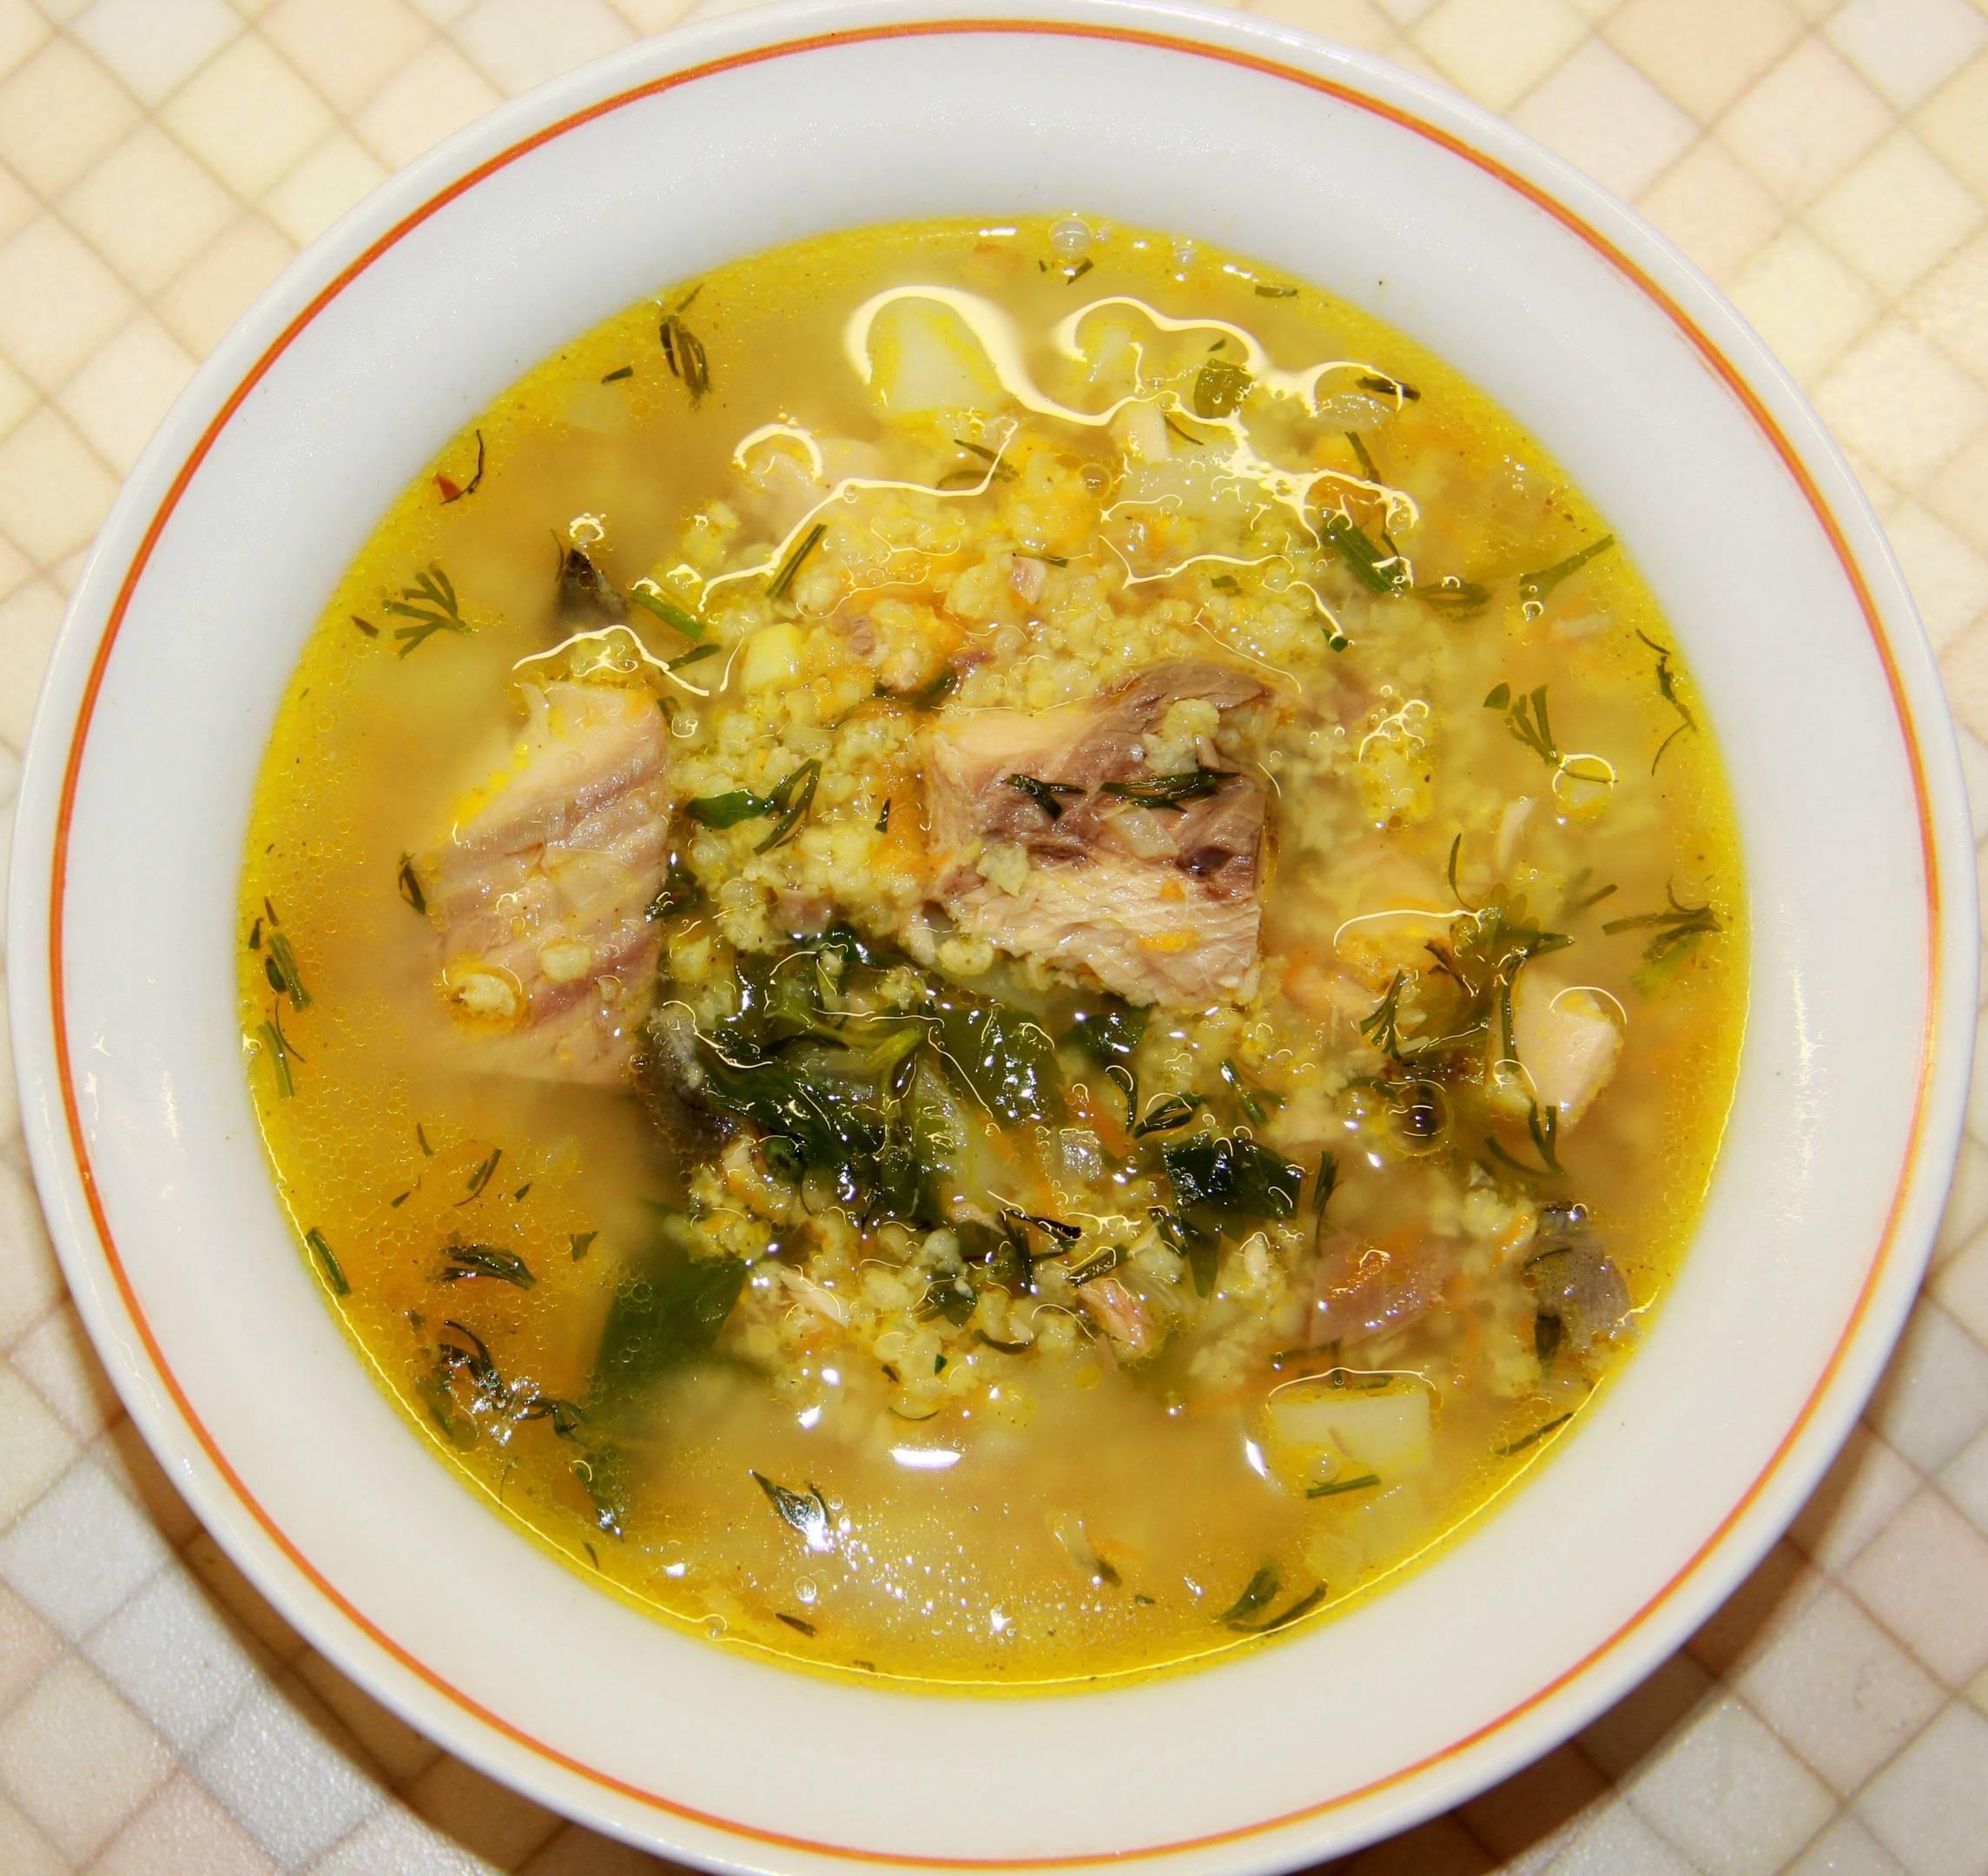 Суп из консервы сайры - быстрое и легкое блюдо: рецепт с фото и видео